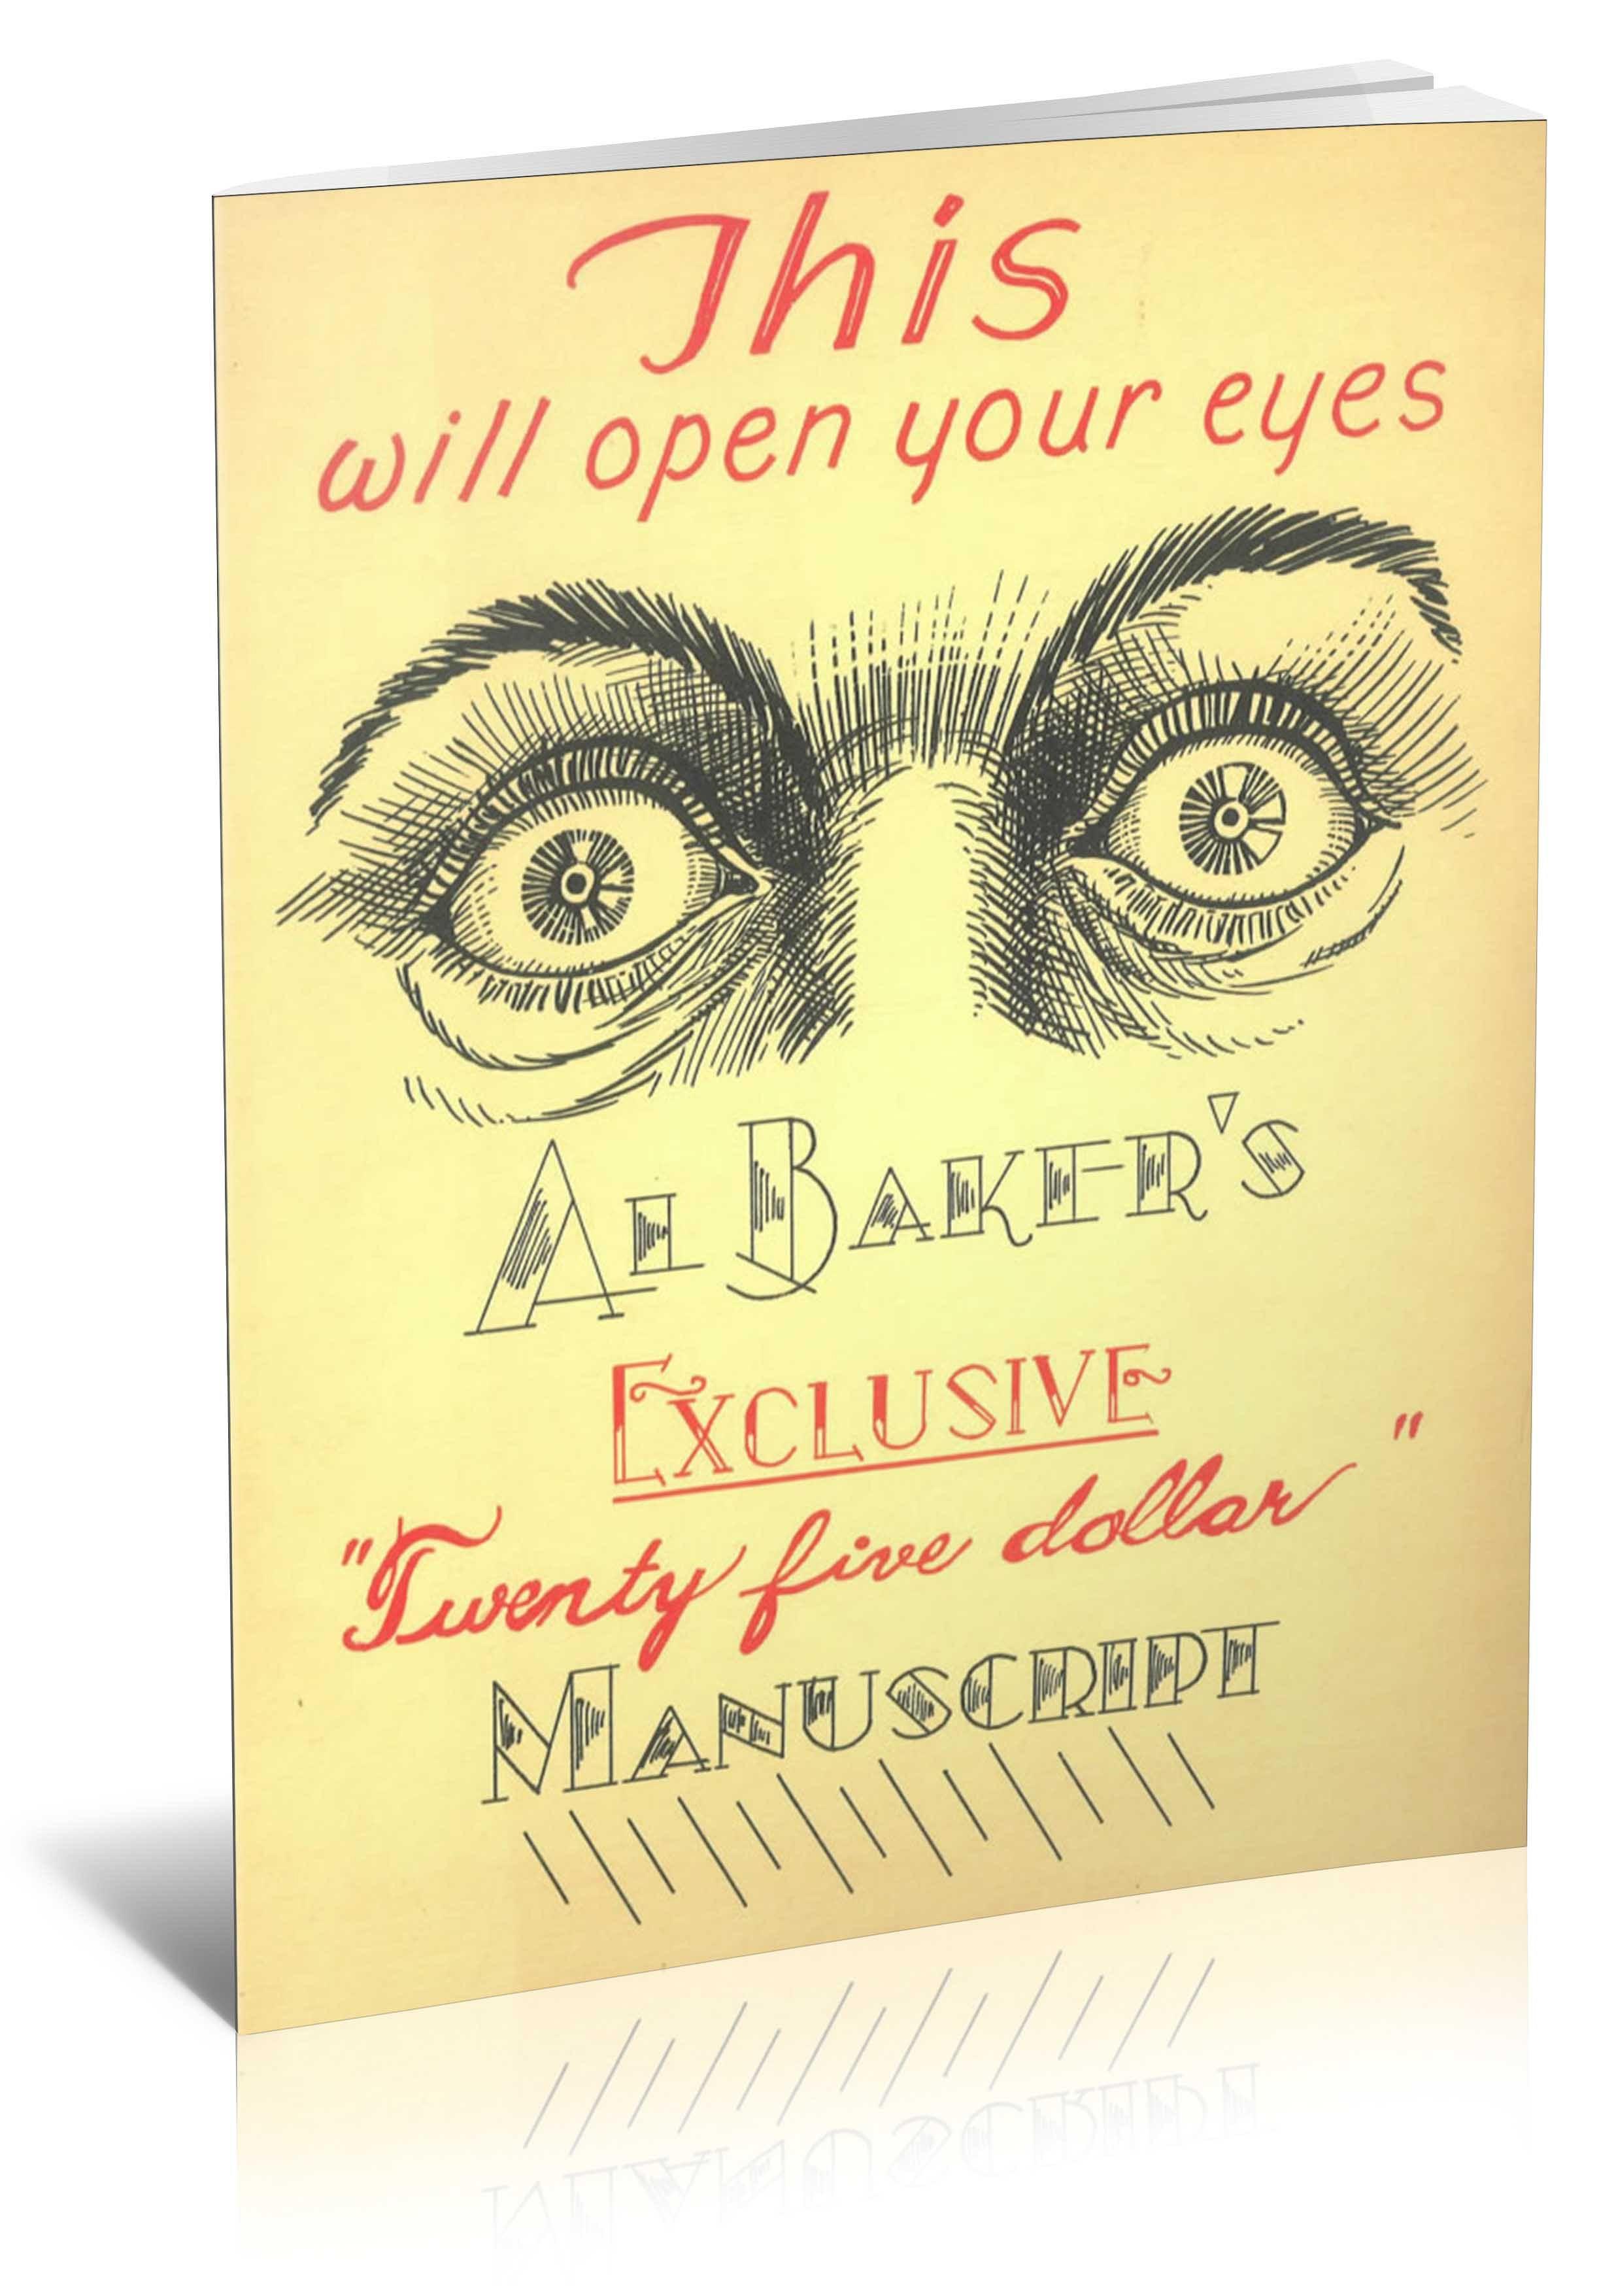 Al Baker's Exclusive Twenty Five Dollar Manuscript - magic